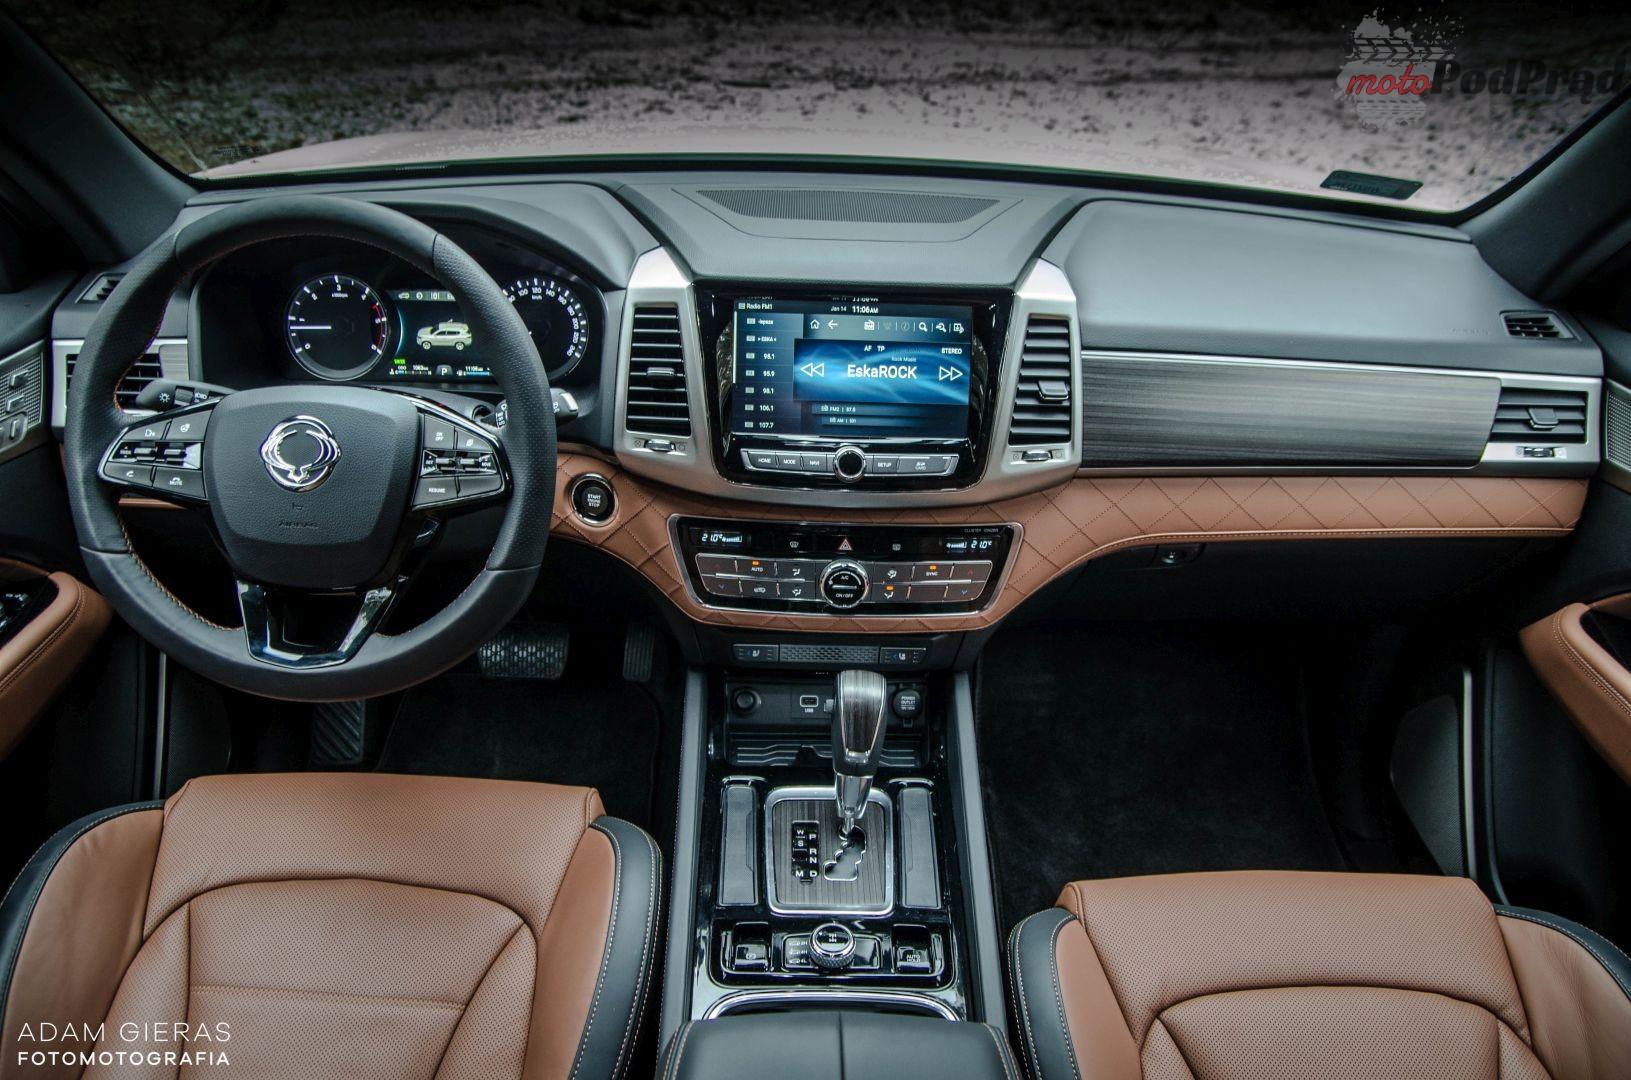 ss rexton 12 Porównanie: SsangYong Rexton G4 2.2d kontra Jeep Grand Cherokee 3.0 CRD